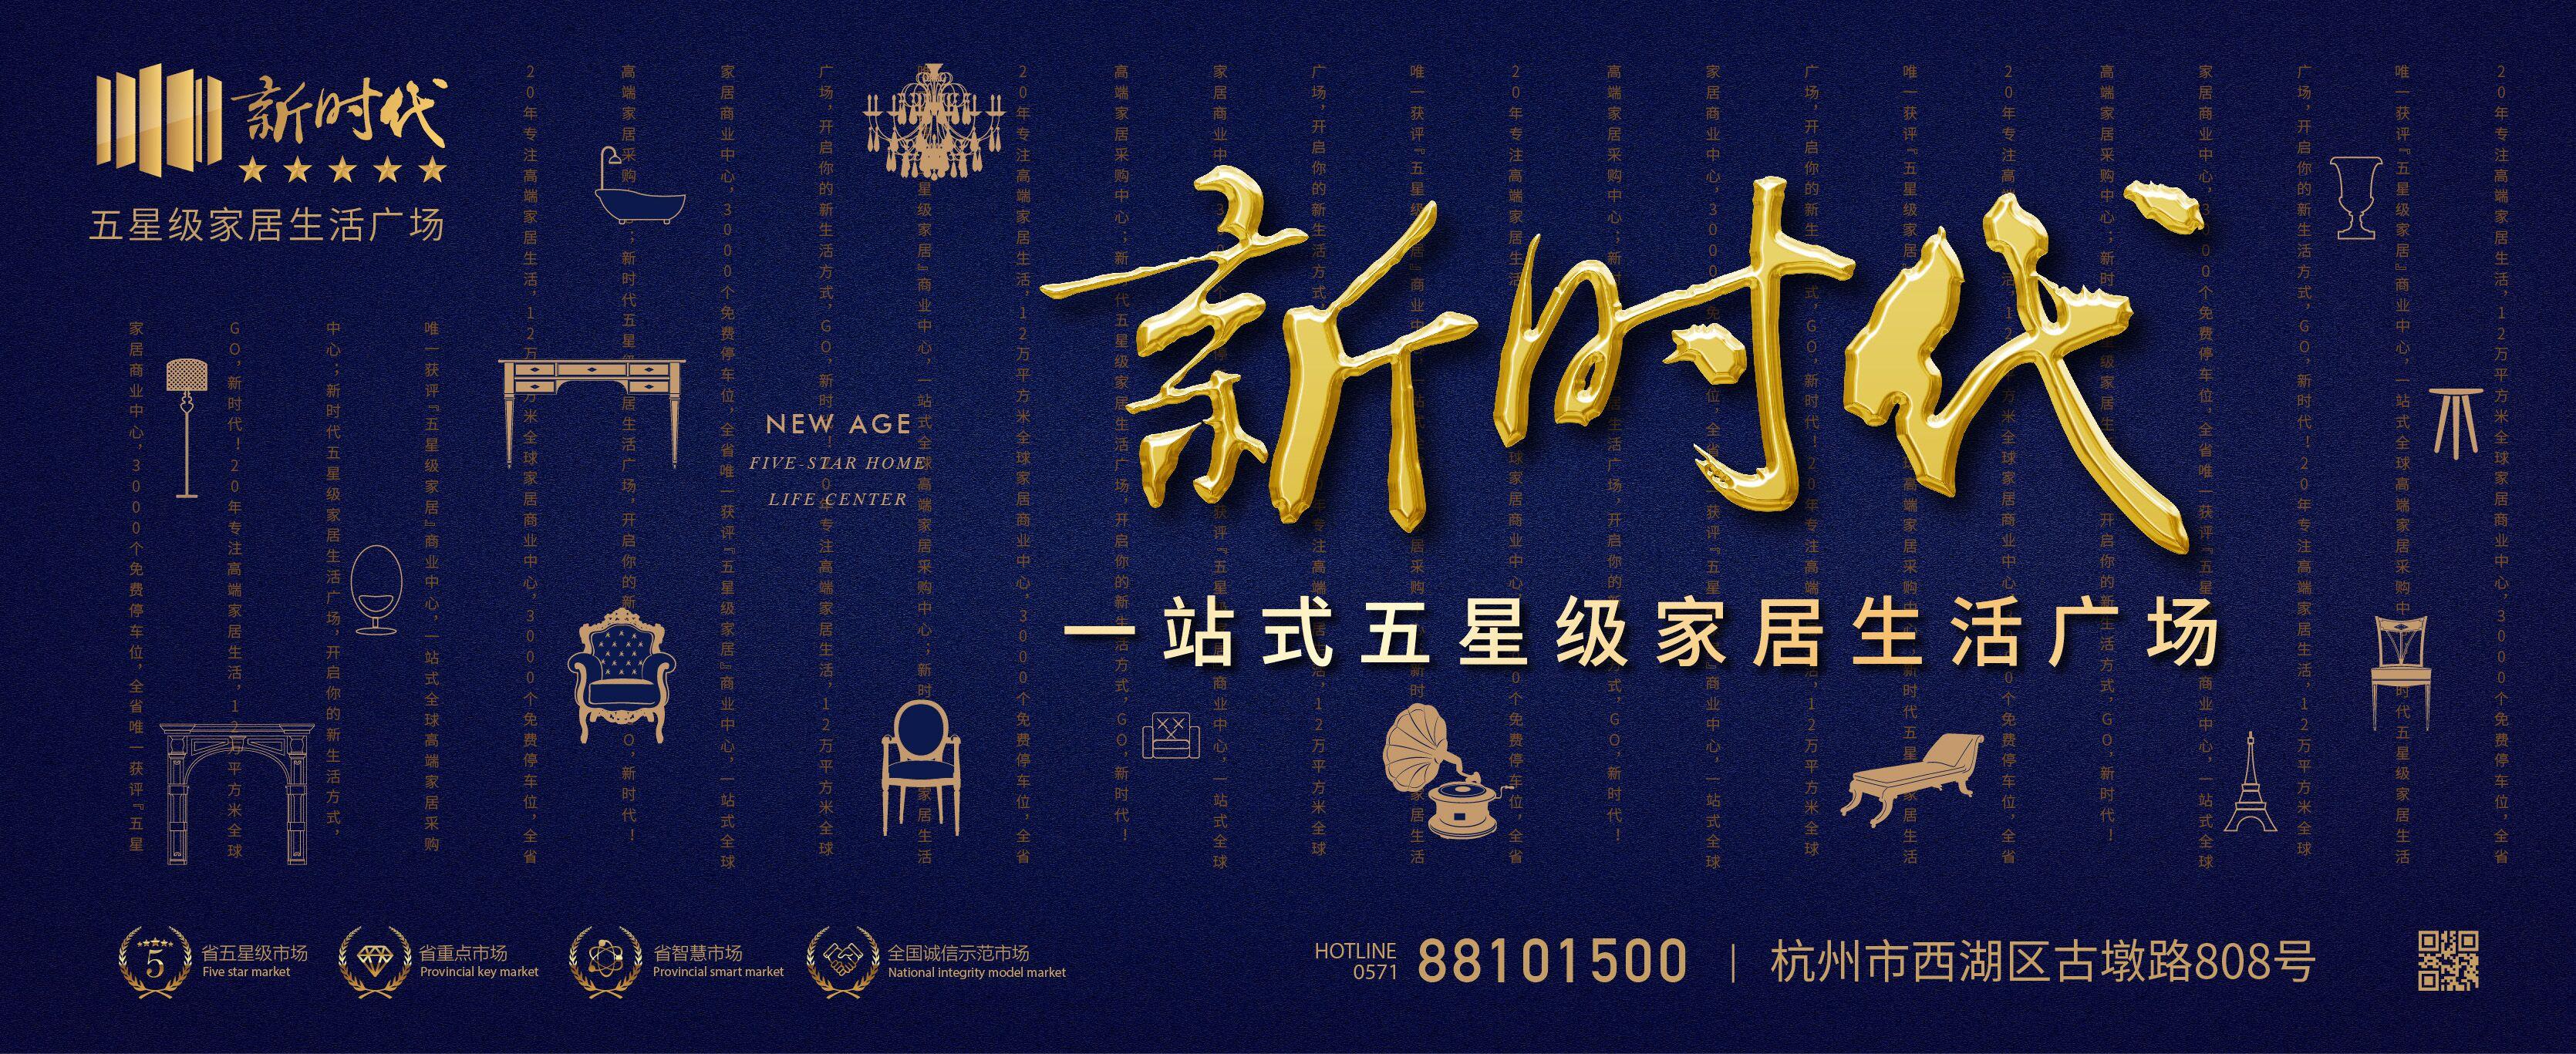 好风是杭州新濠天地网站登入新濠天地苹果版公司的代表